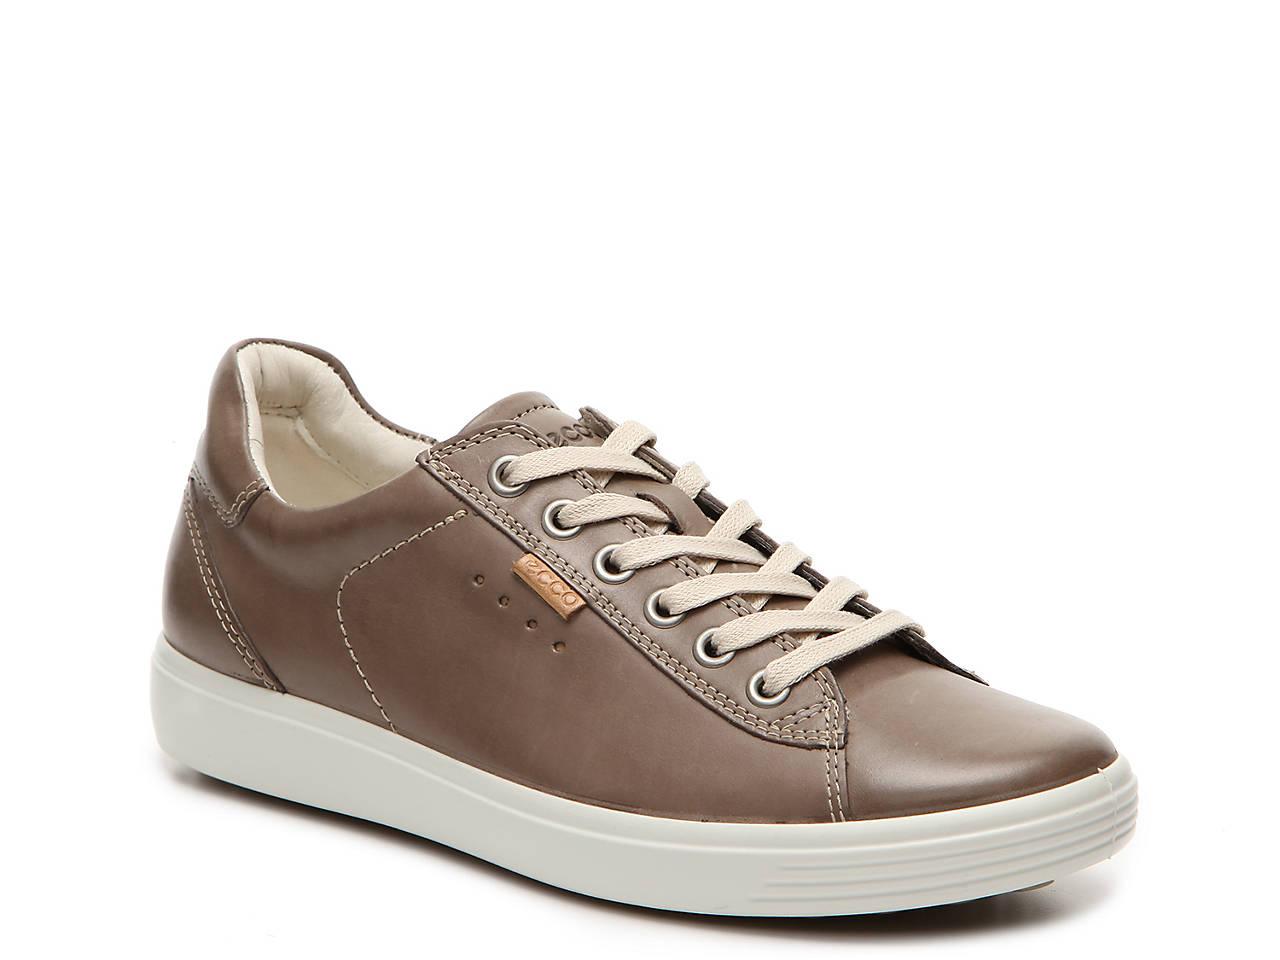 55990d9b4942 Sneaker Ecco Women s Soft Sneaker ShoesDsw Women s Ecco Ecco Sneaker  ShoesDsw Soft Women s Soft K1JFc3Tl